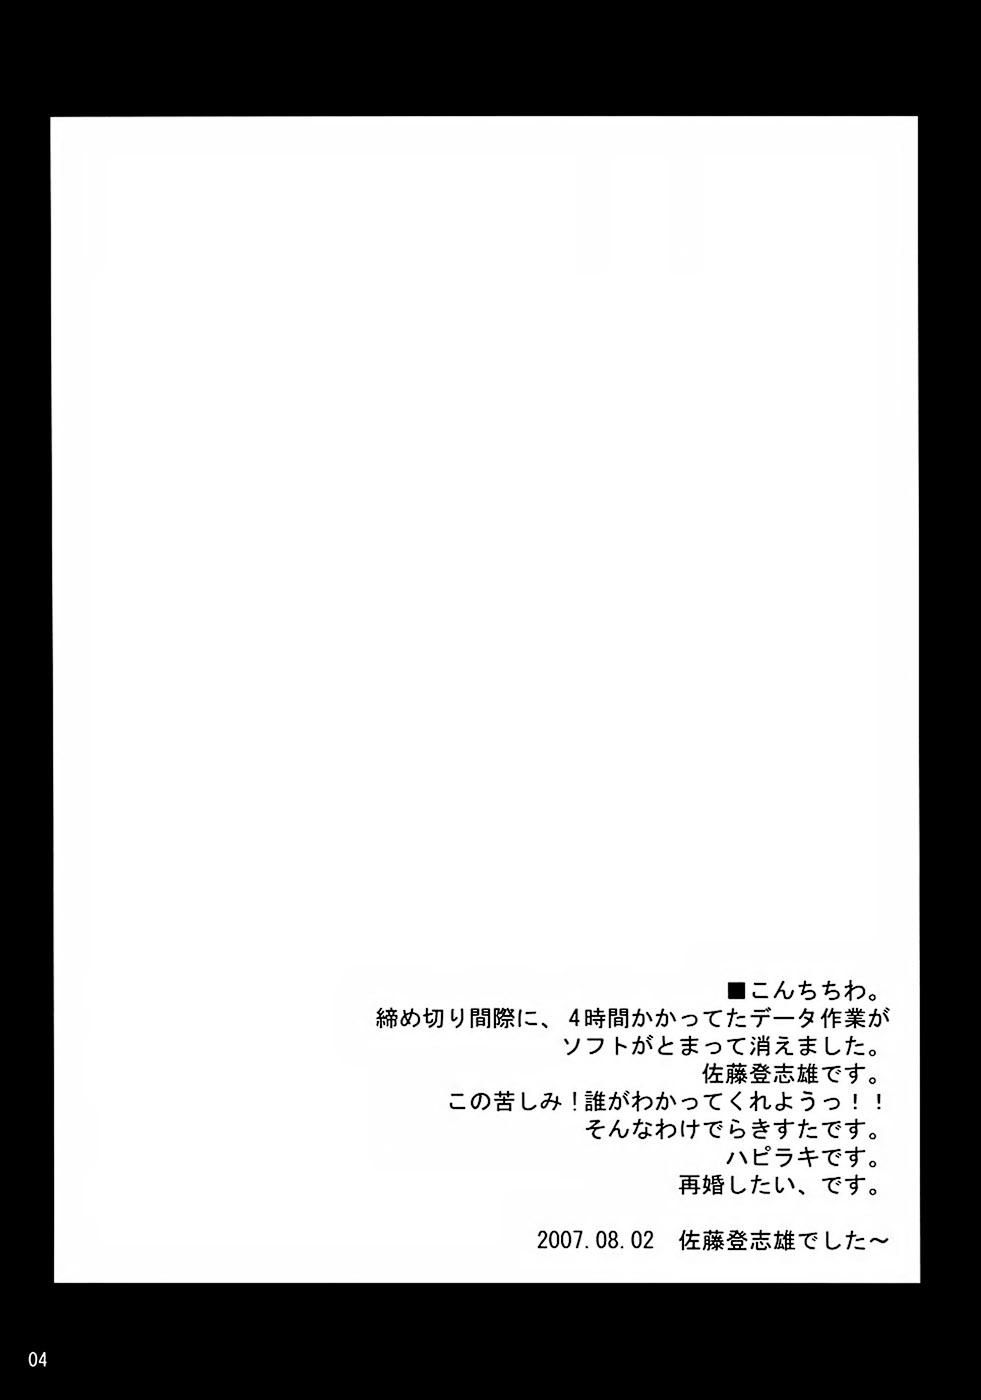 Koppe koppe pantsu~ 2